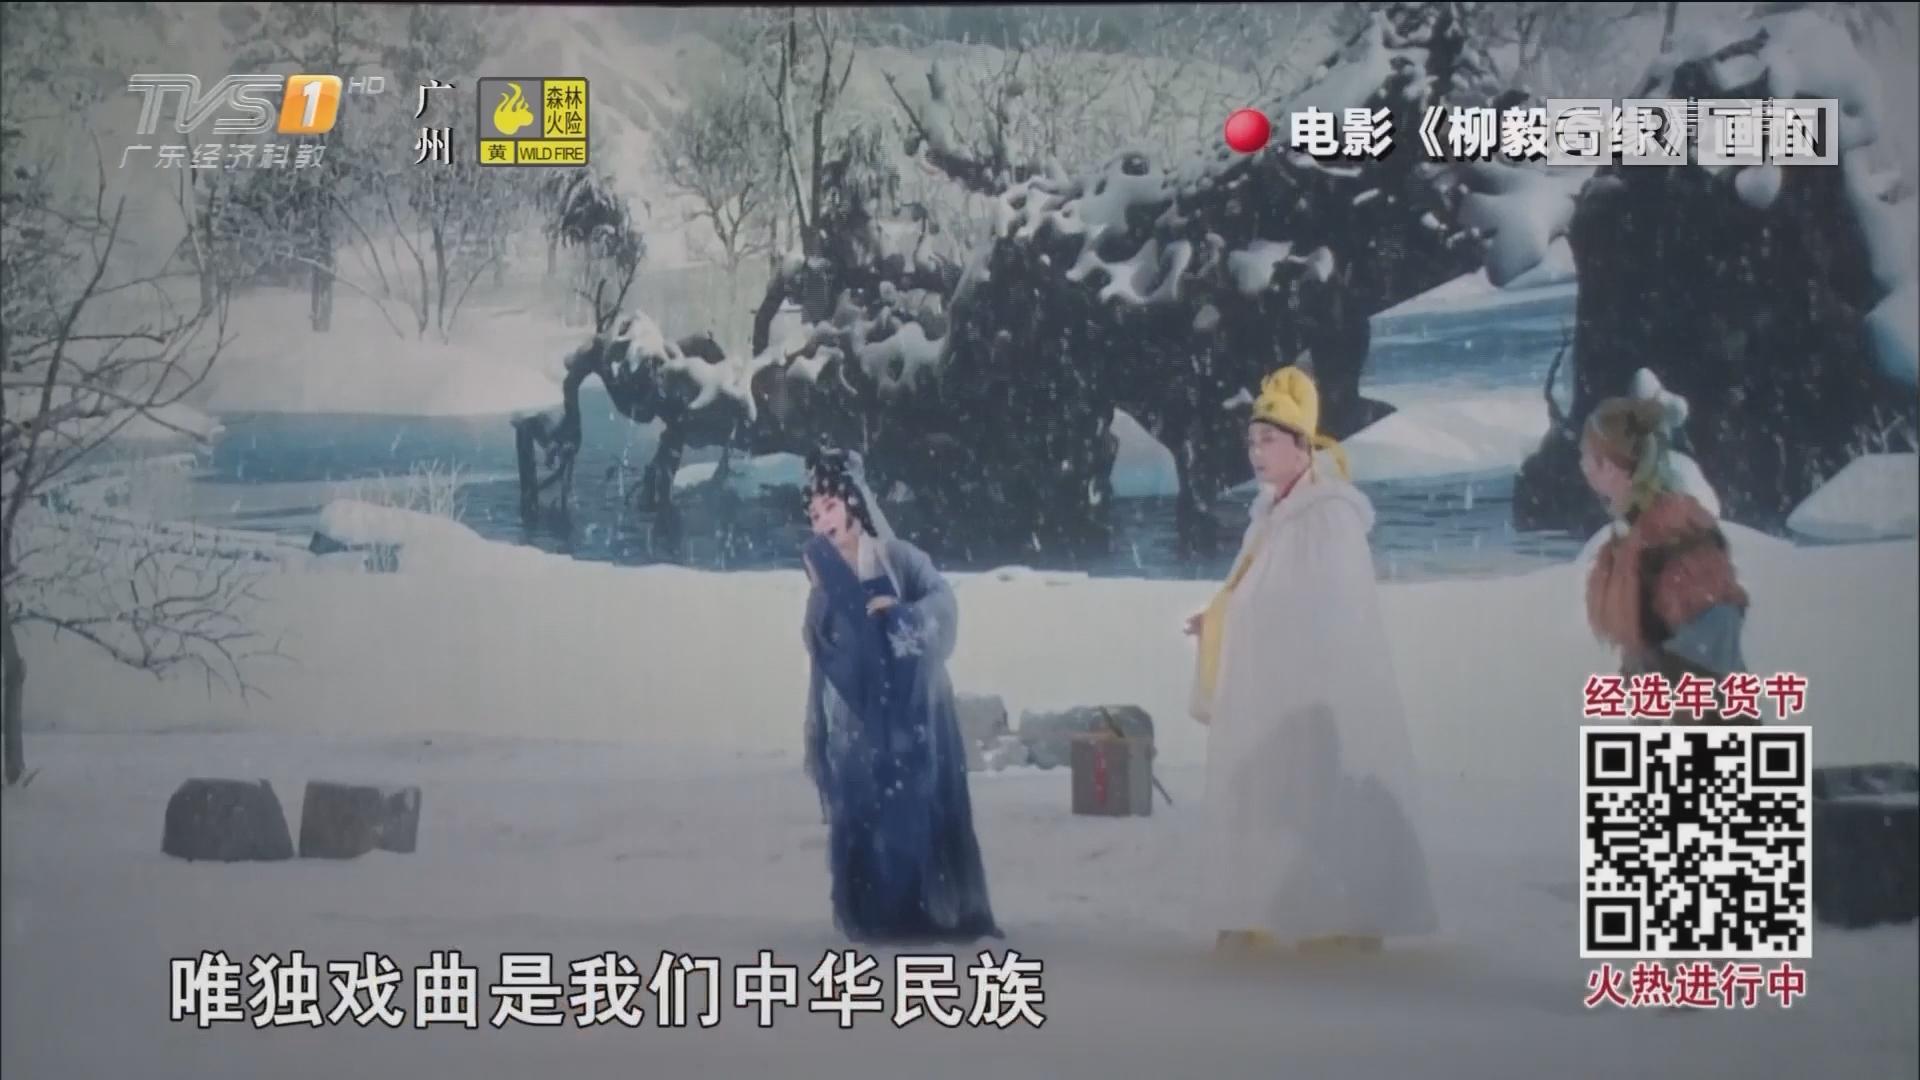 粤剧电影《柳毅奇缘》上映 全国人大代表曾小敏担女主角